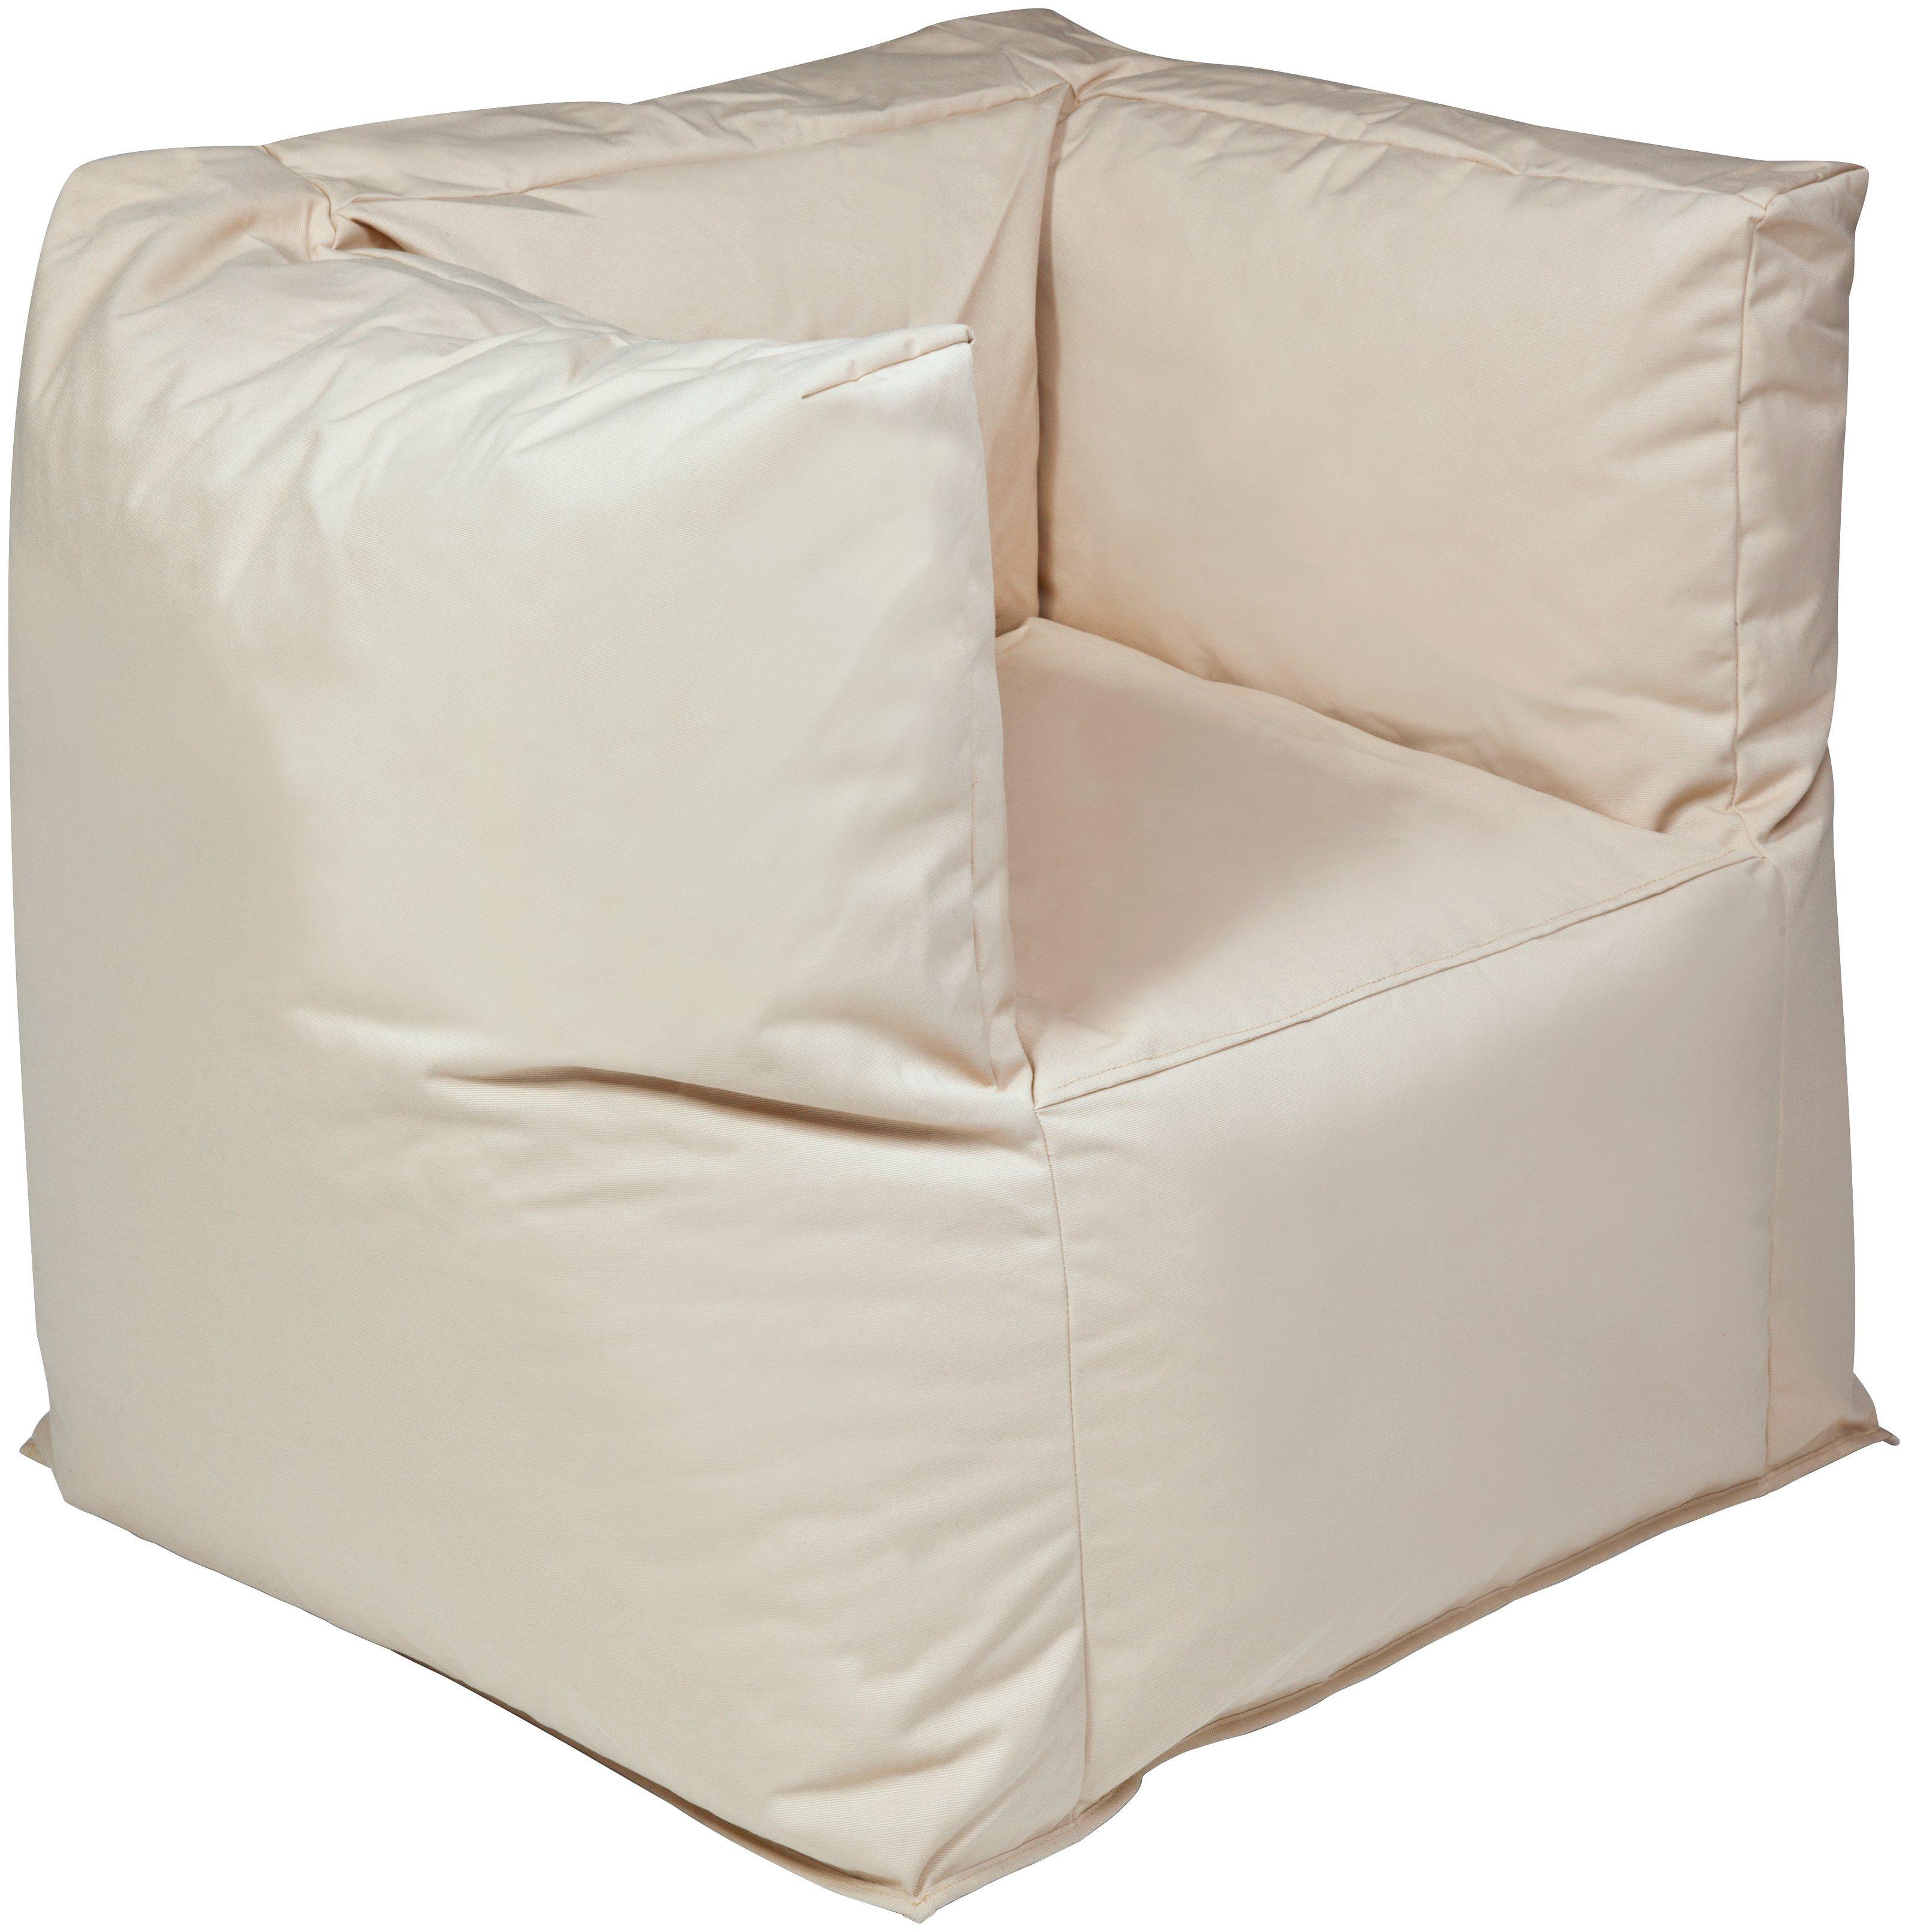 OUTBAG Sitzsack »Valley Plus«, wetterfest, für den Außenbereich, BxT: 90x60 cm | Wohnzimmer > Sessel > Sitzsaecke | Polyester | OUTBAG